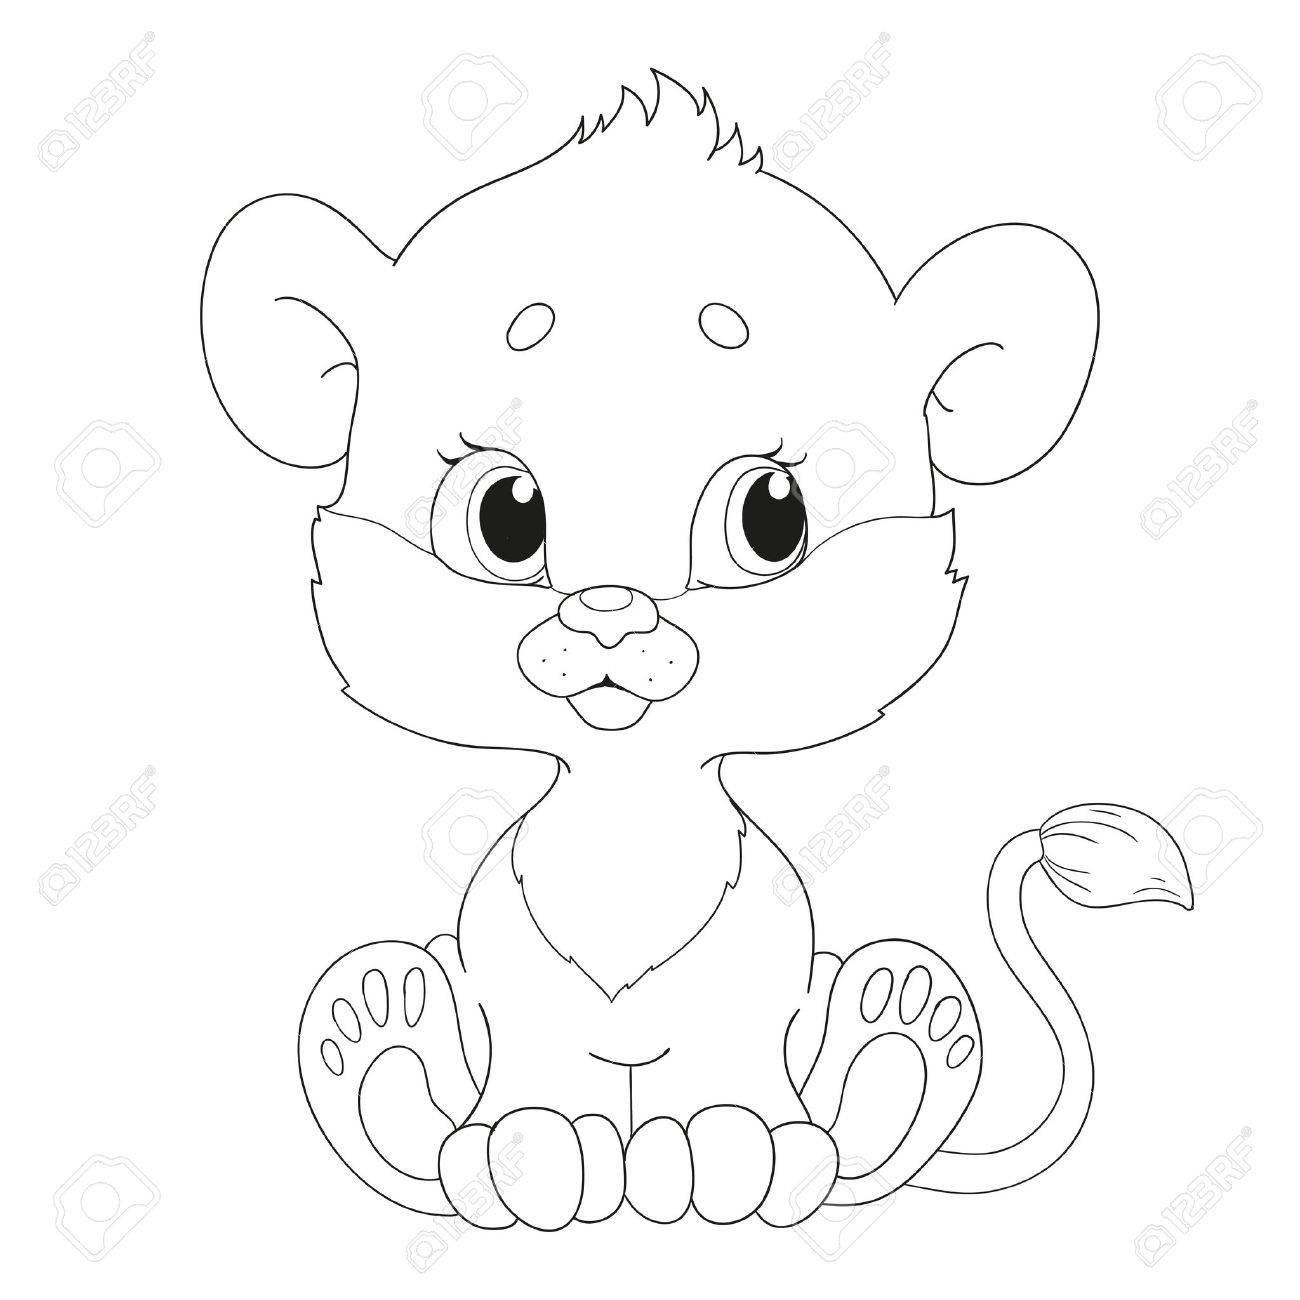 かわいいライオンの赤ちゃんキャラクター塗り絵のイラスト素材ベクタ